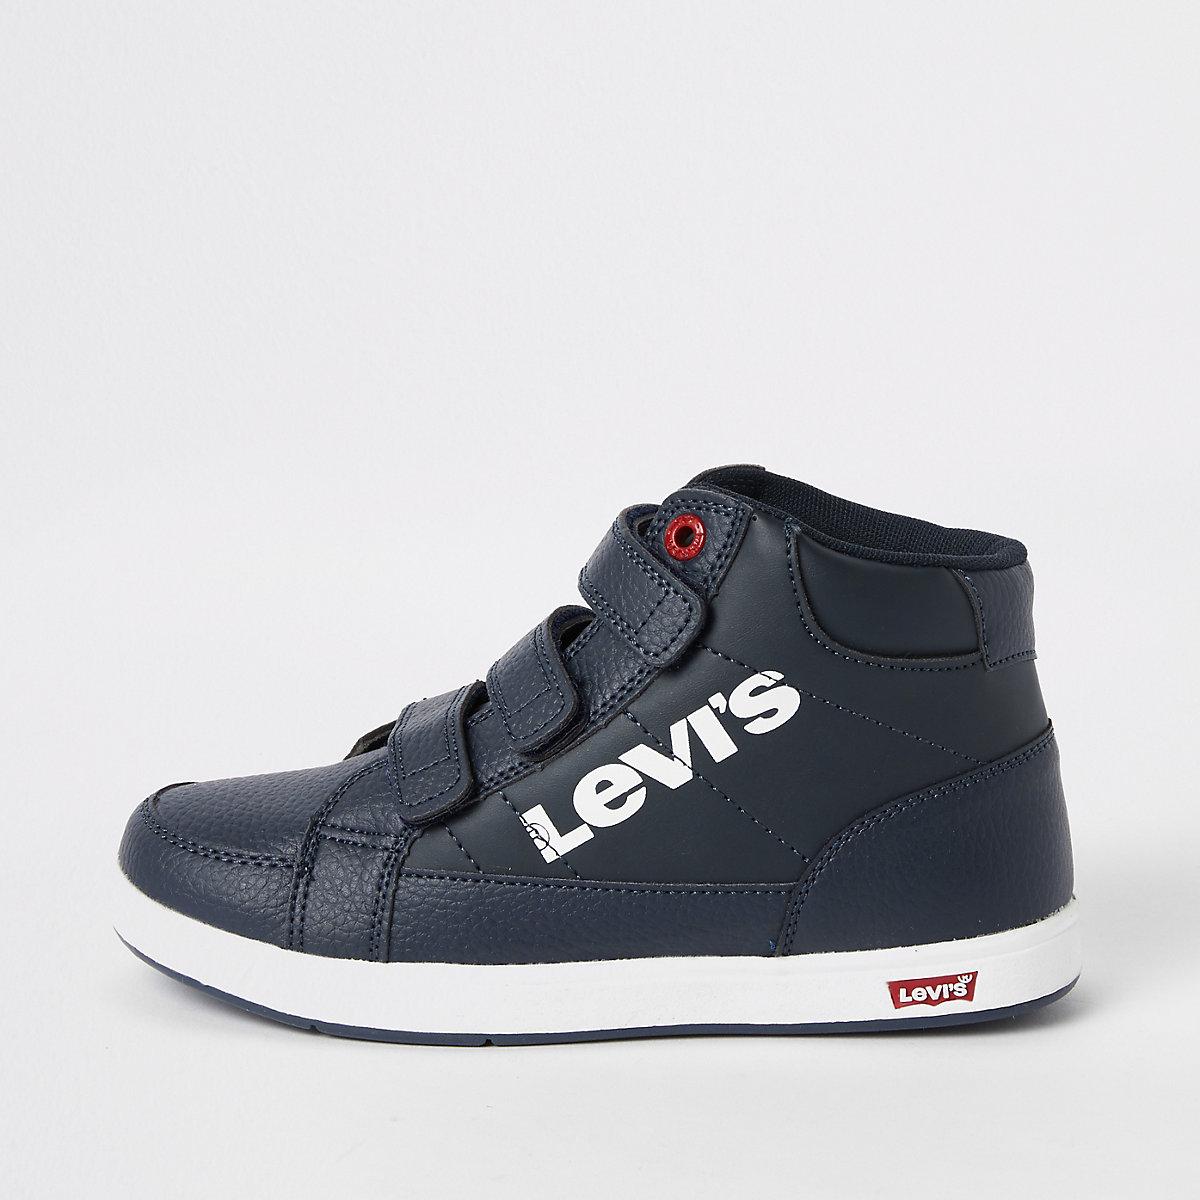 Boys navy Levi's velcro hi top sneakers